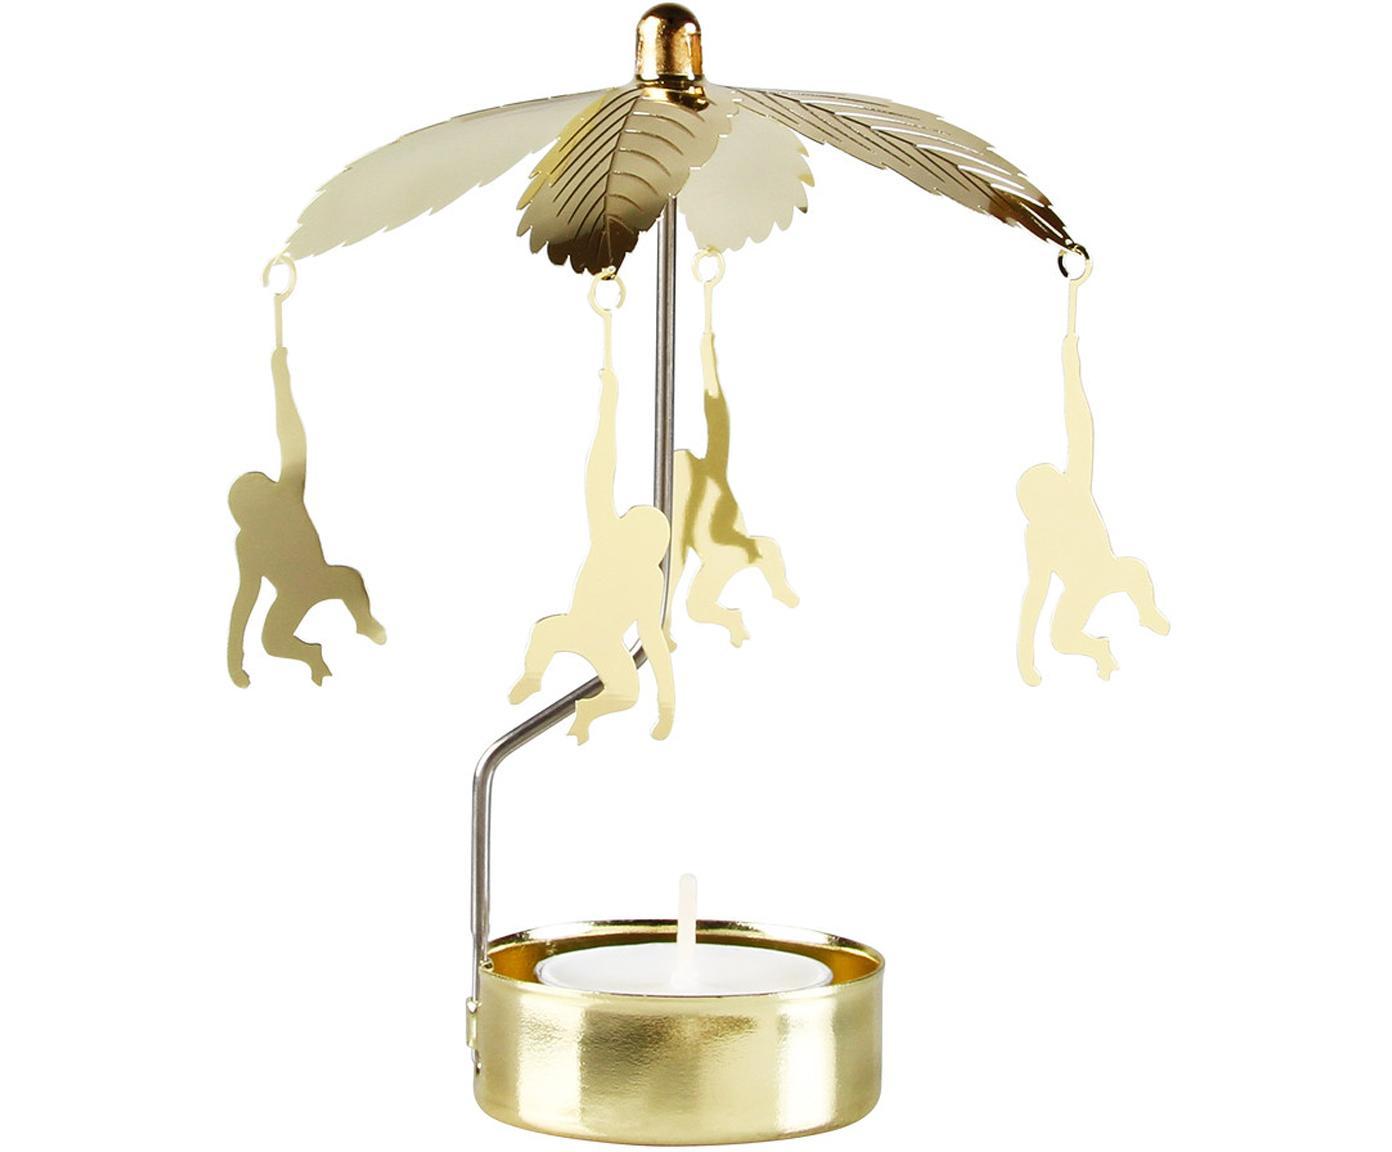 Portalumini con scimmie Monkey -go-round, Alluminio verniciato, Ottonato, Ø 10 x Alt. 14 cm